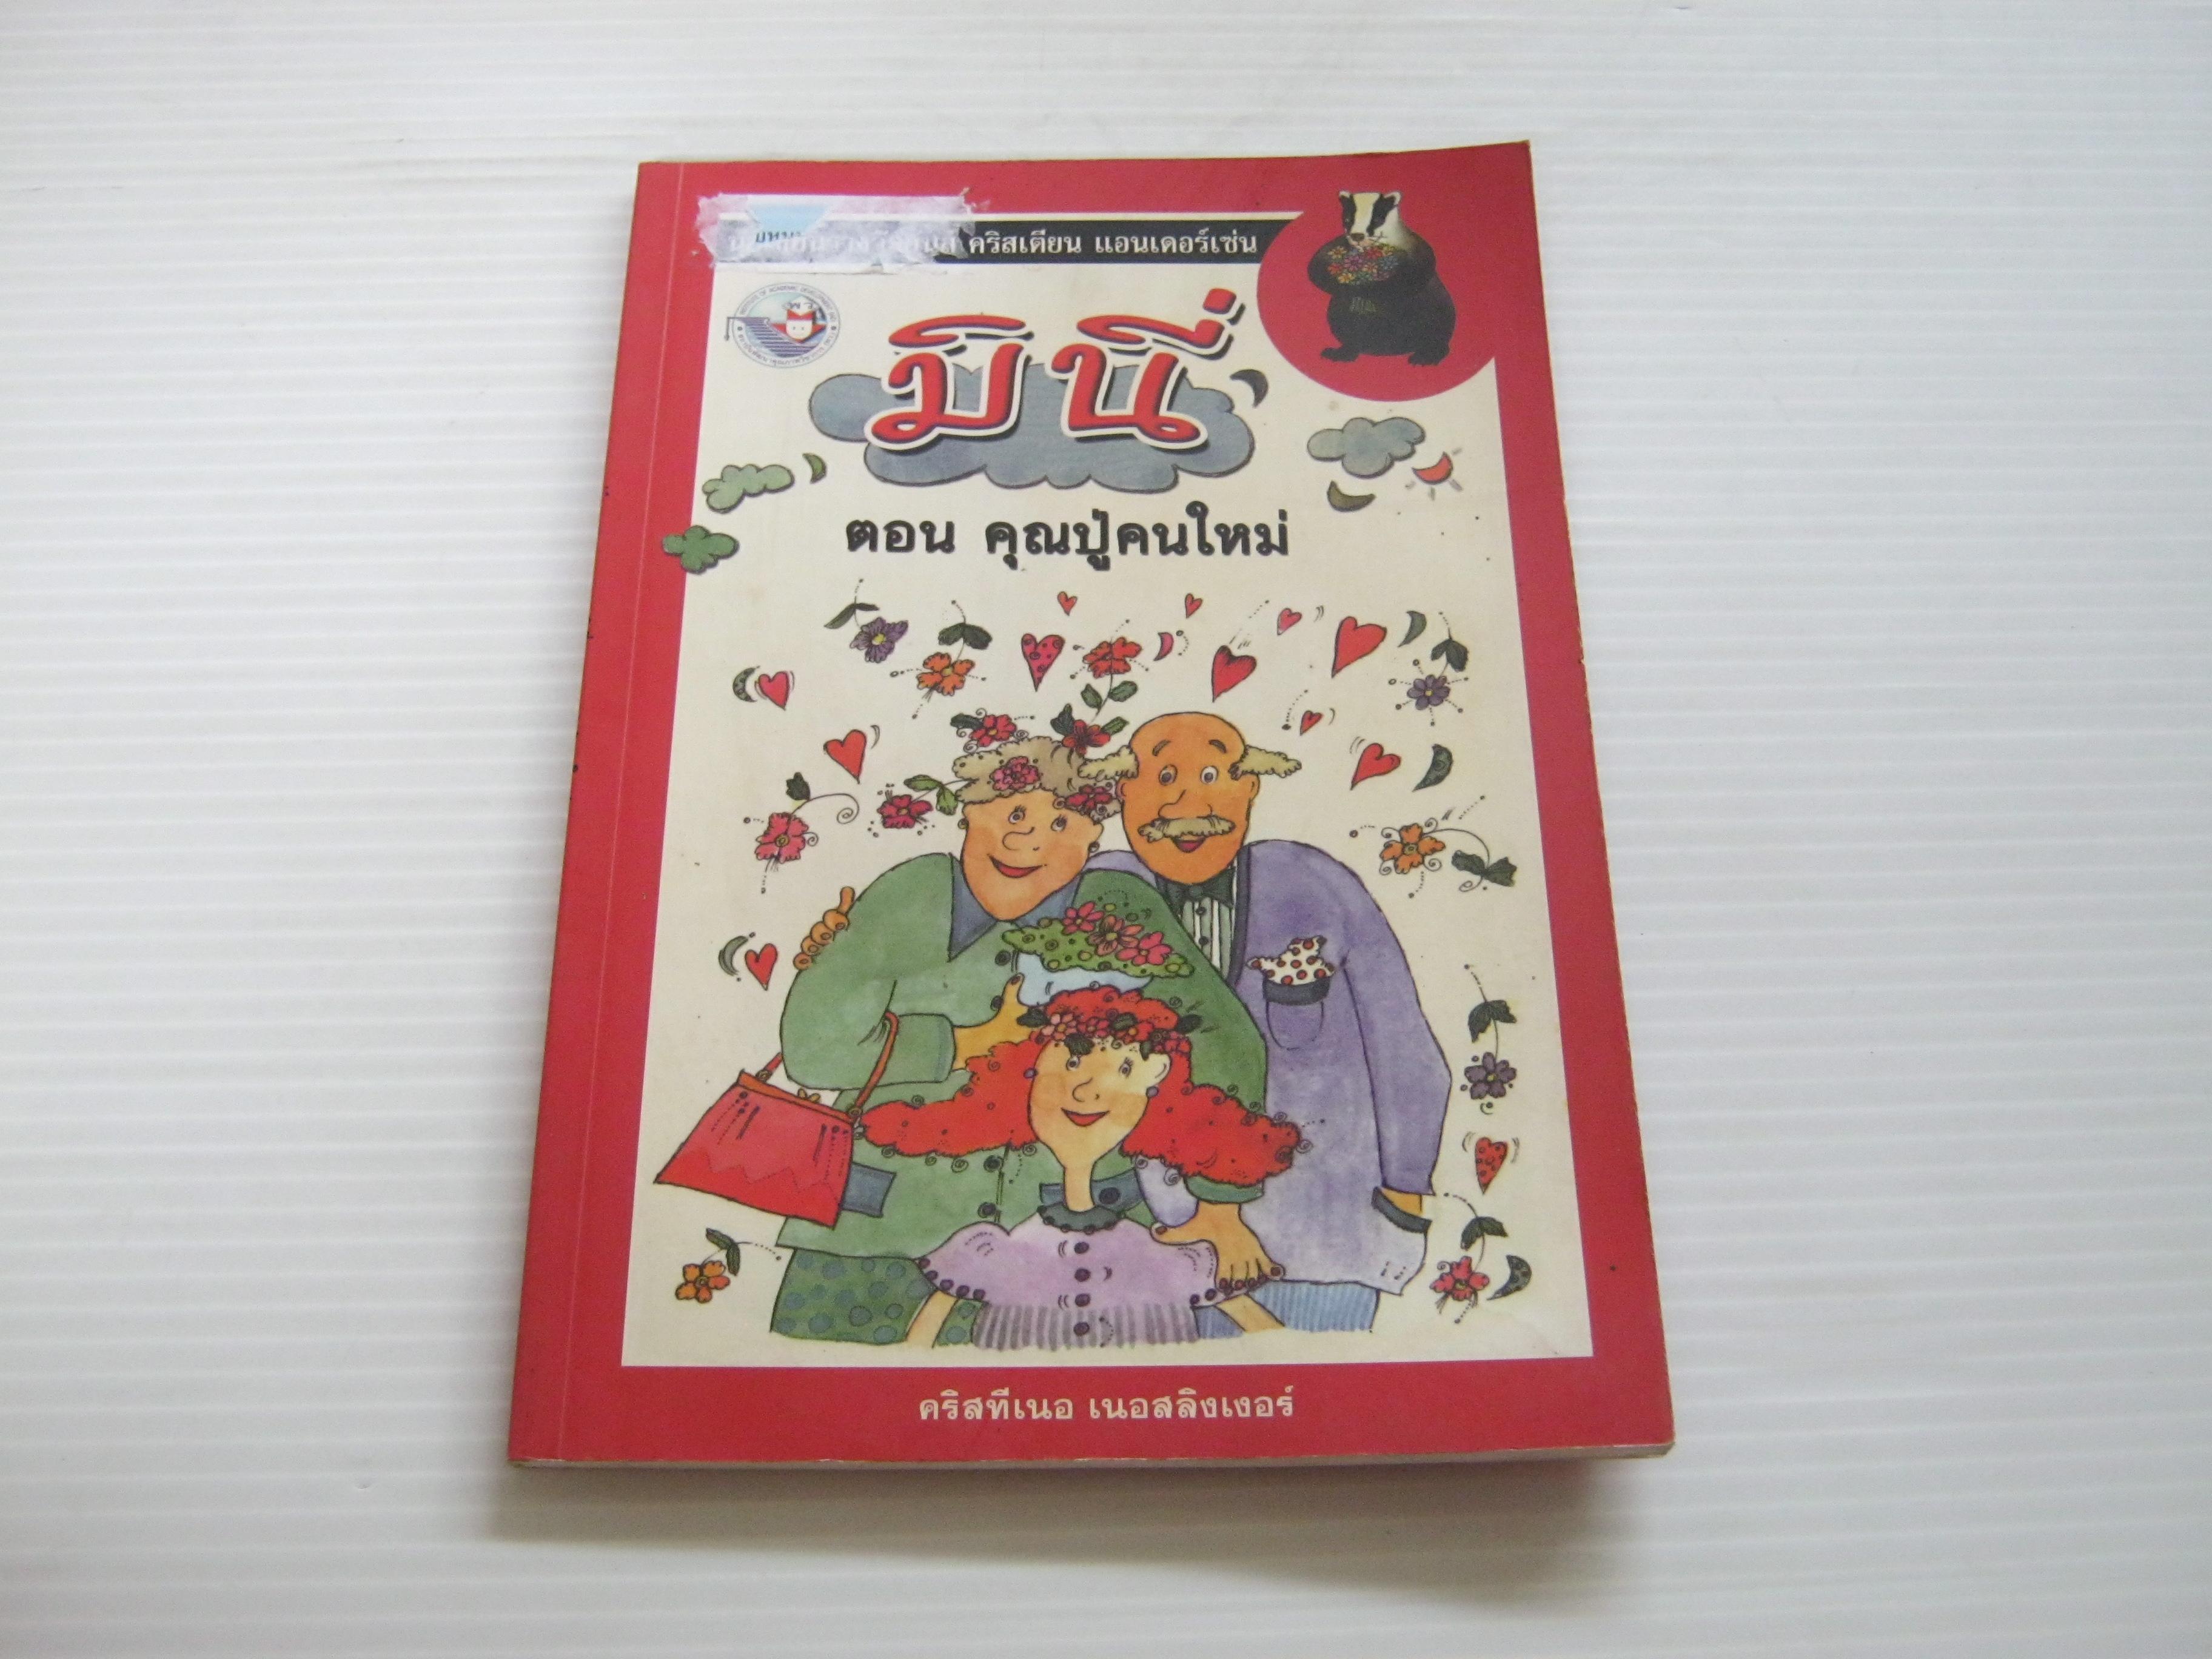 มินี่ ตอน คุณปู่คนใหม่ คริสทีเนอ เนอสลิงเงอร์ เขียน บุษบง โควินท์ แปลจากภาษาเยอรมัน